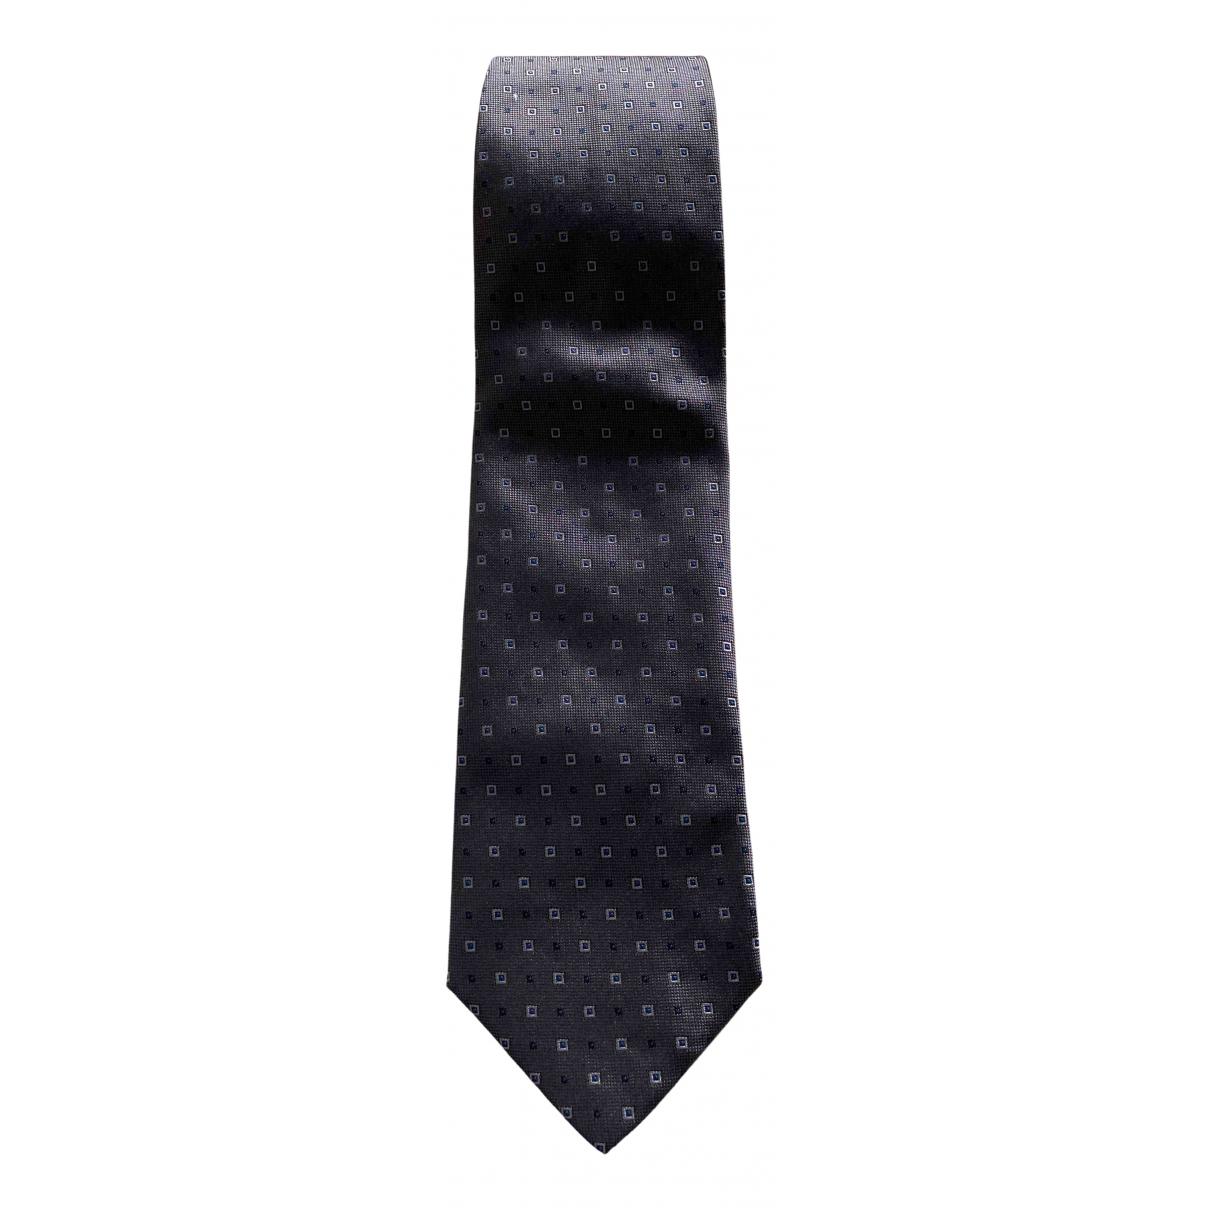 Burberry - Cravates   pour homme en soie - anthracite